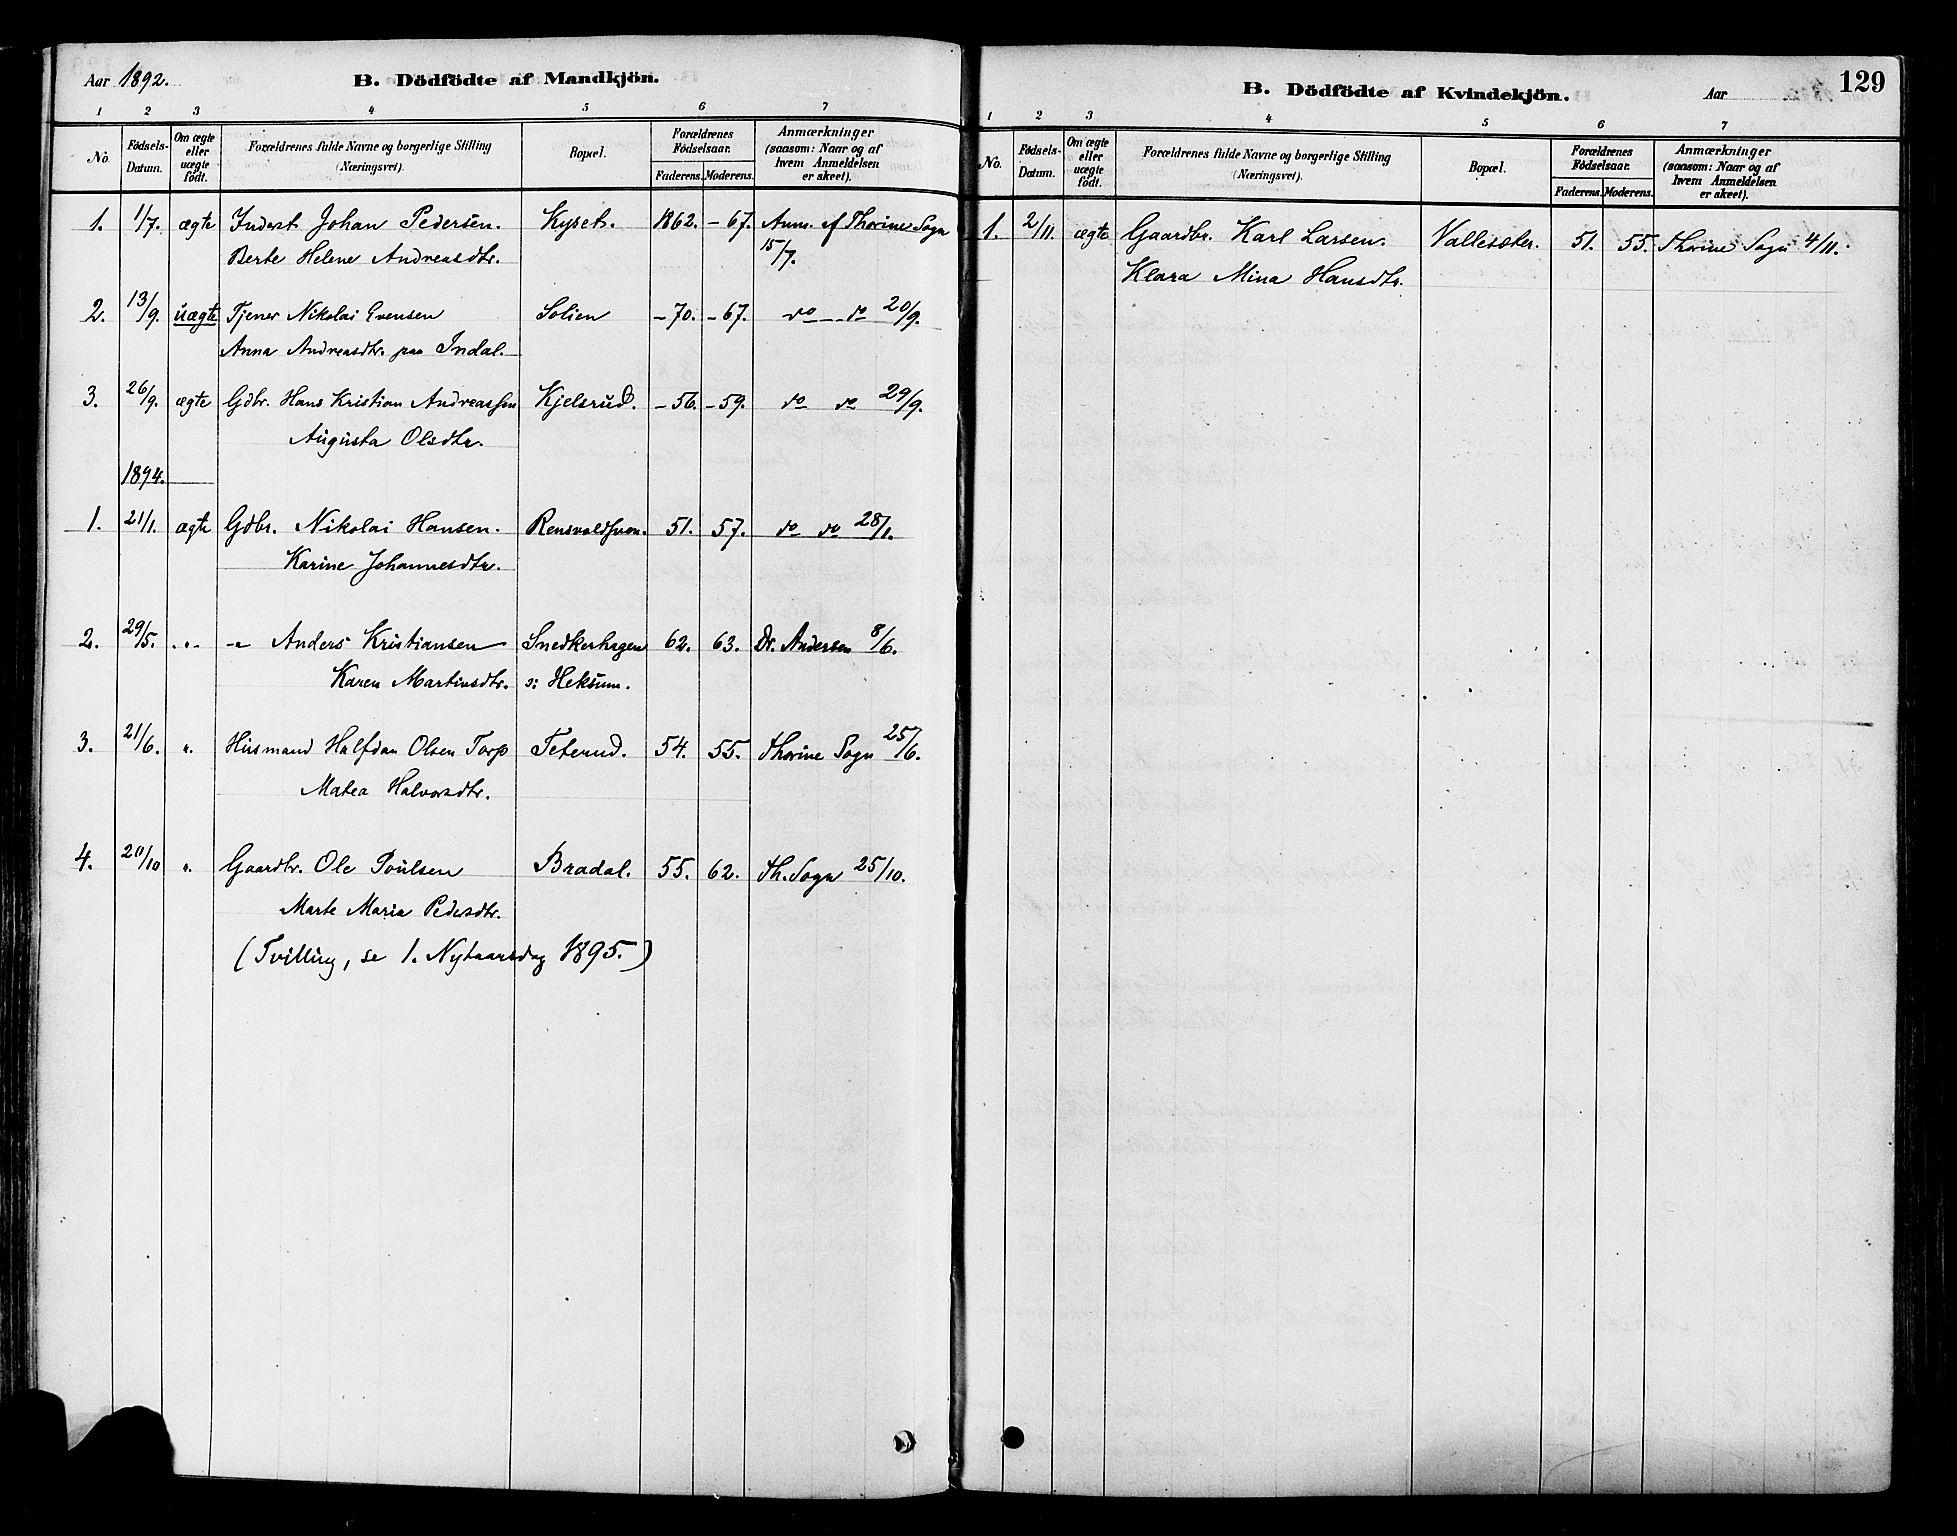 SAH, Vestre Toten prestekontor, Ministerialbok nr. 9, 1878-1894, s. 129